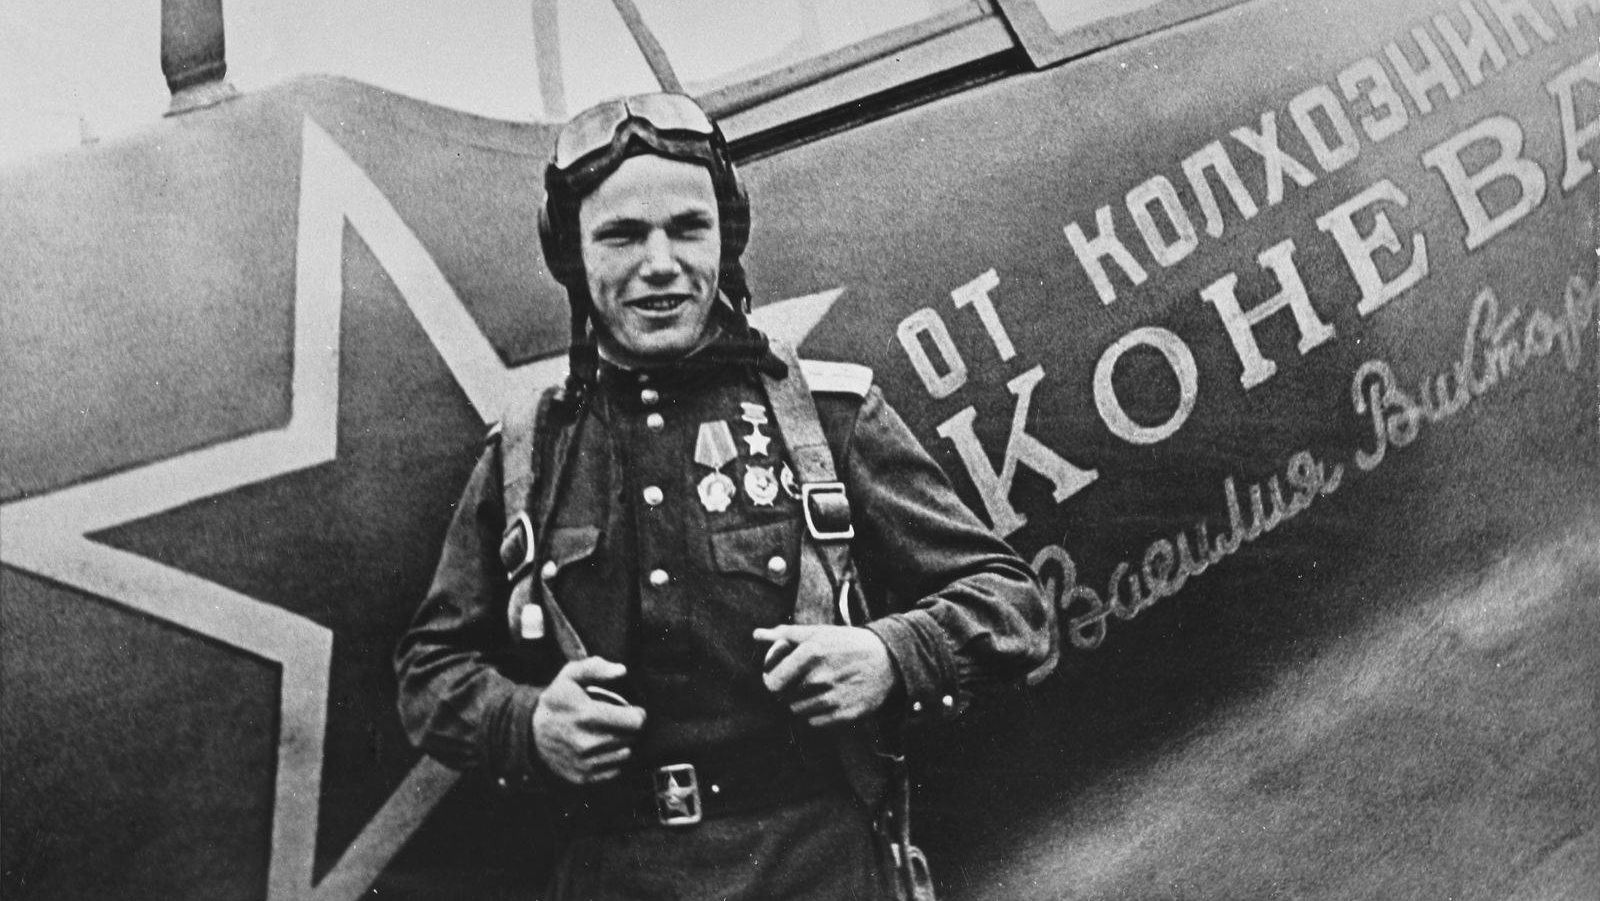 Вамериканском городе Элизабет-Сити продолжаются споры обустановке монумента советским летчикам